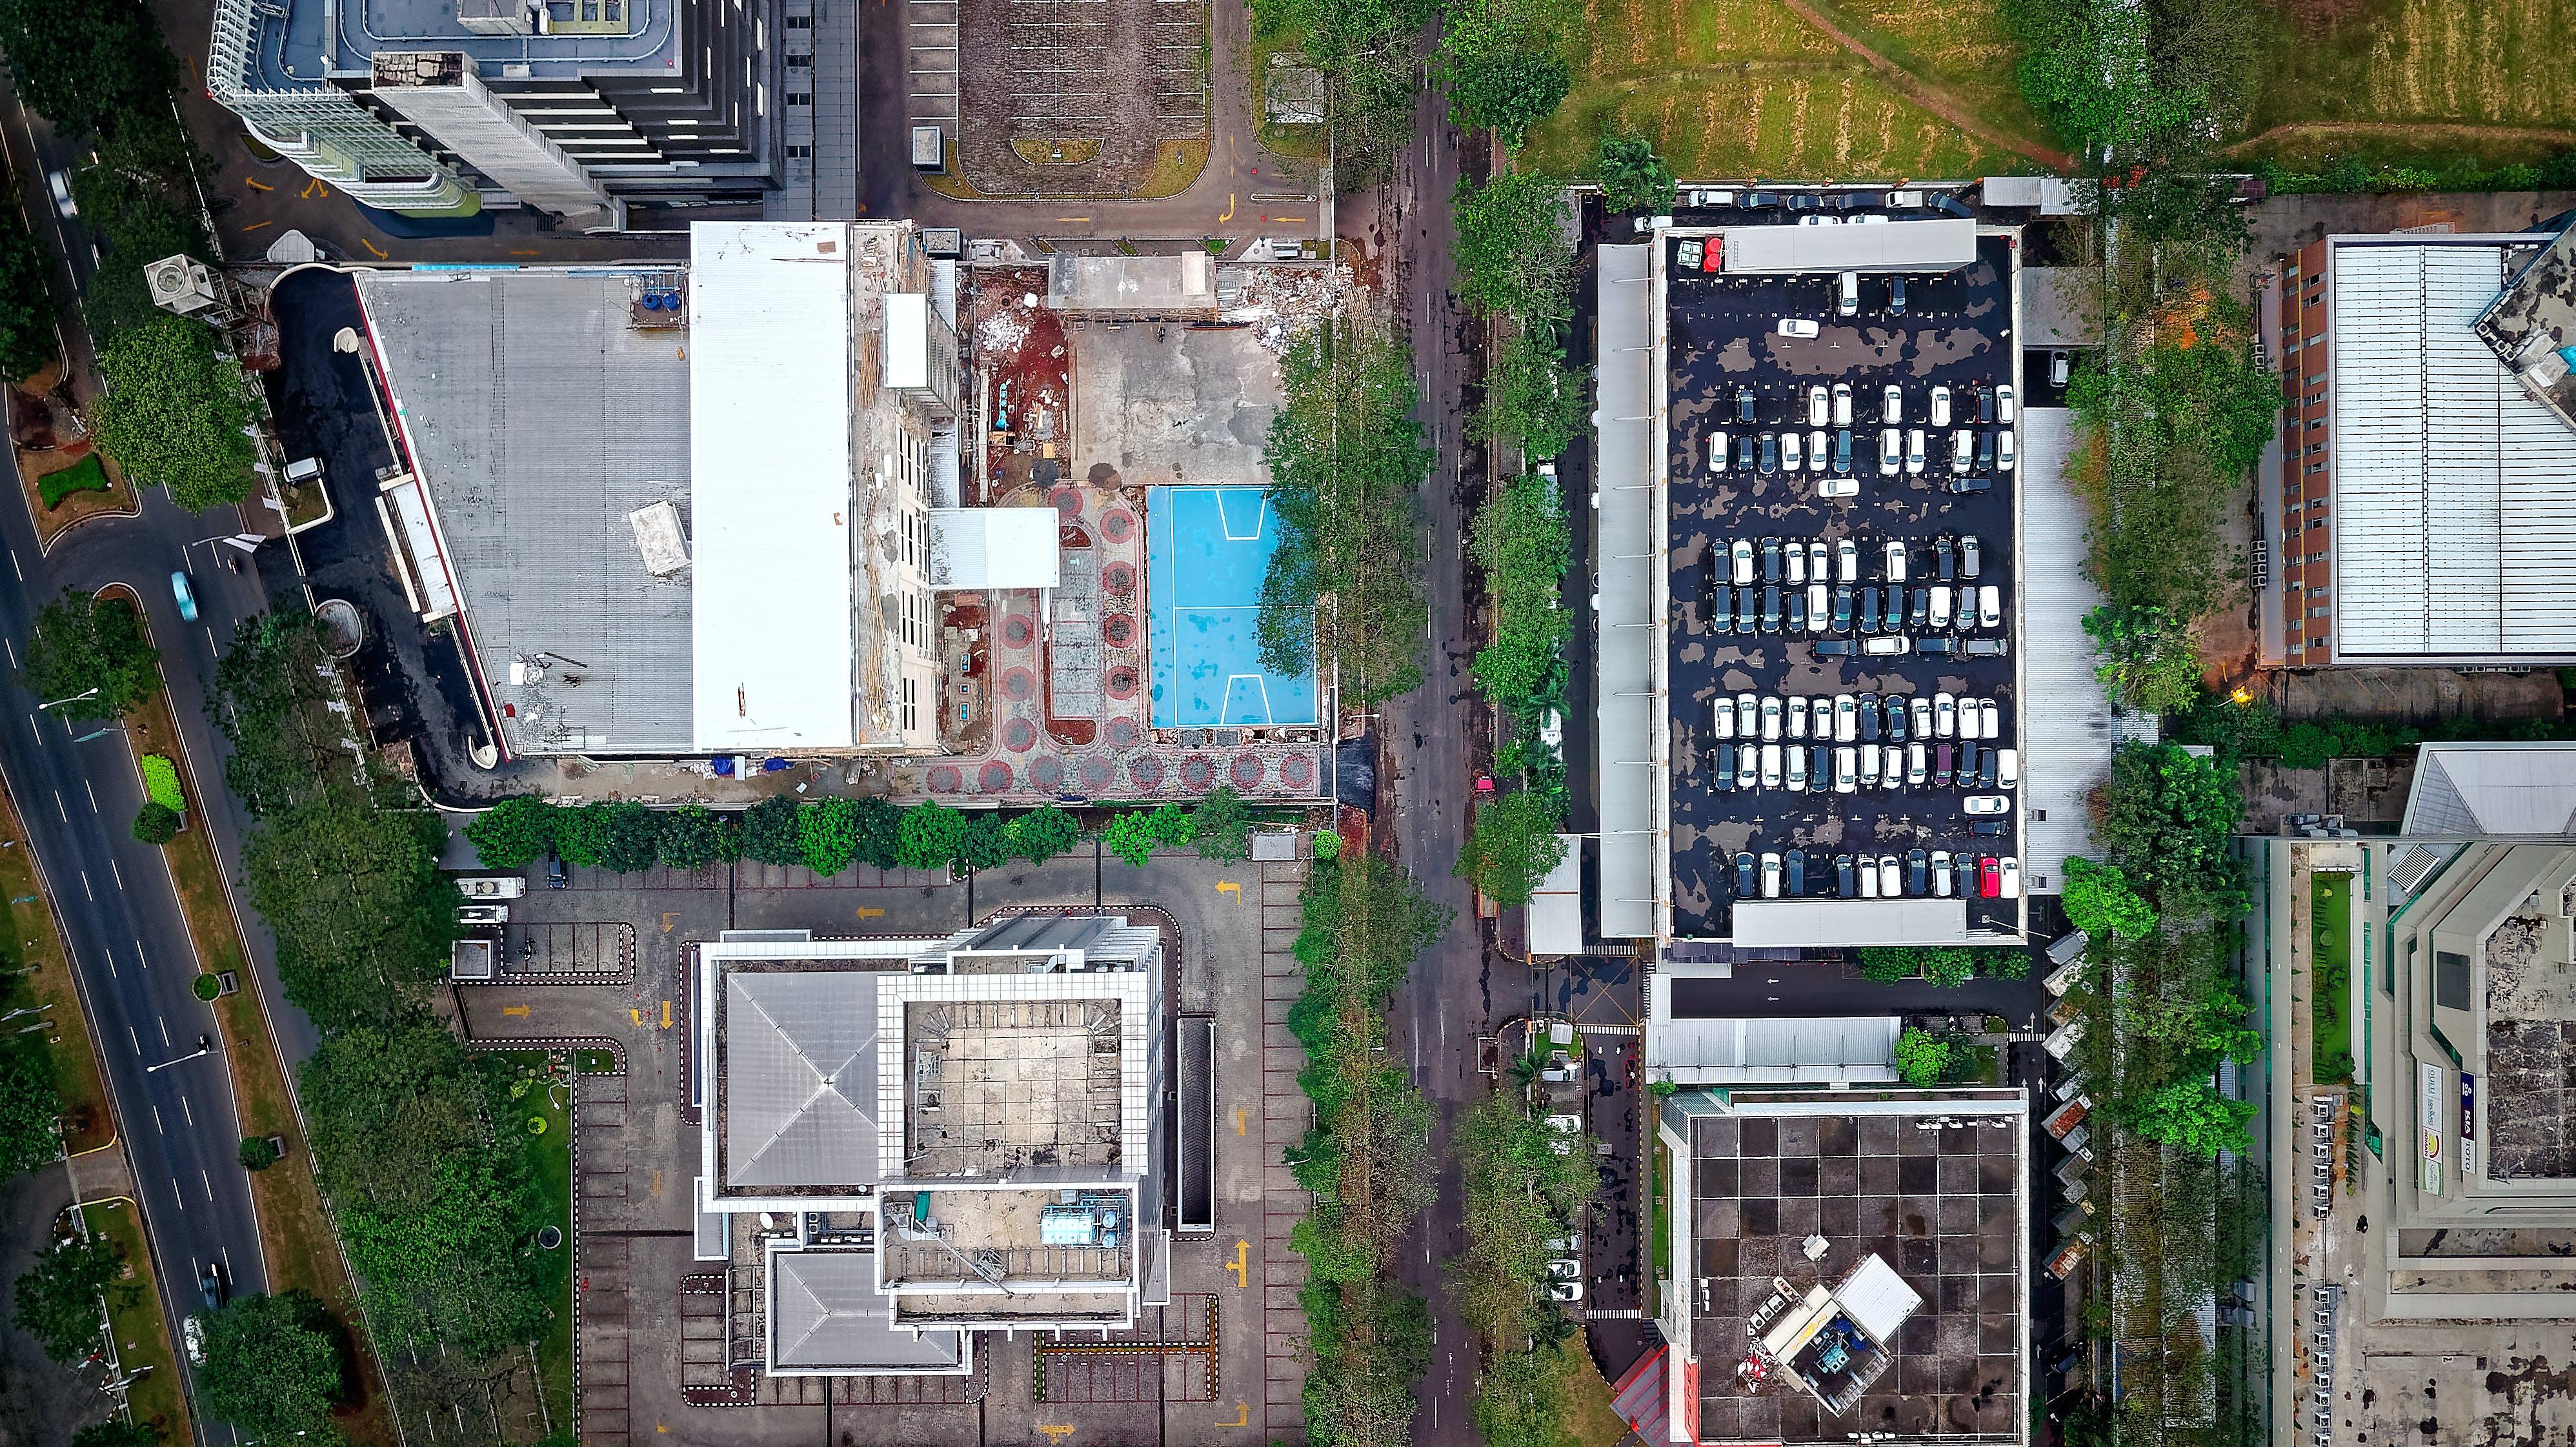 Foto stok gratis Arsitektur, bangunan, dek parkir, eksterior